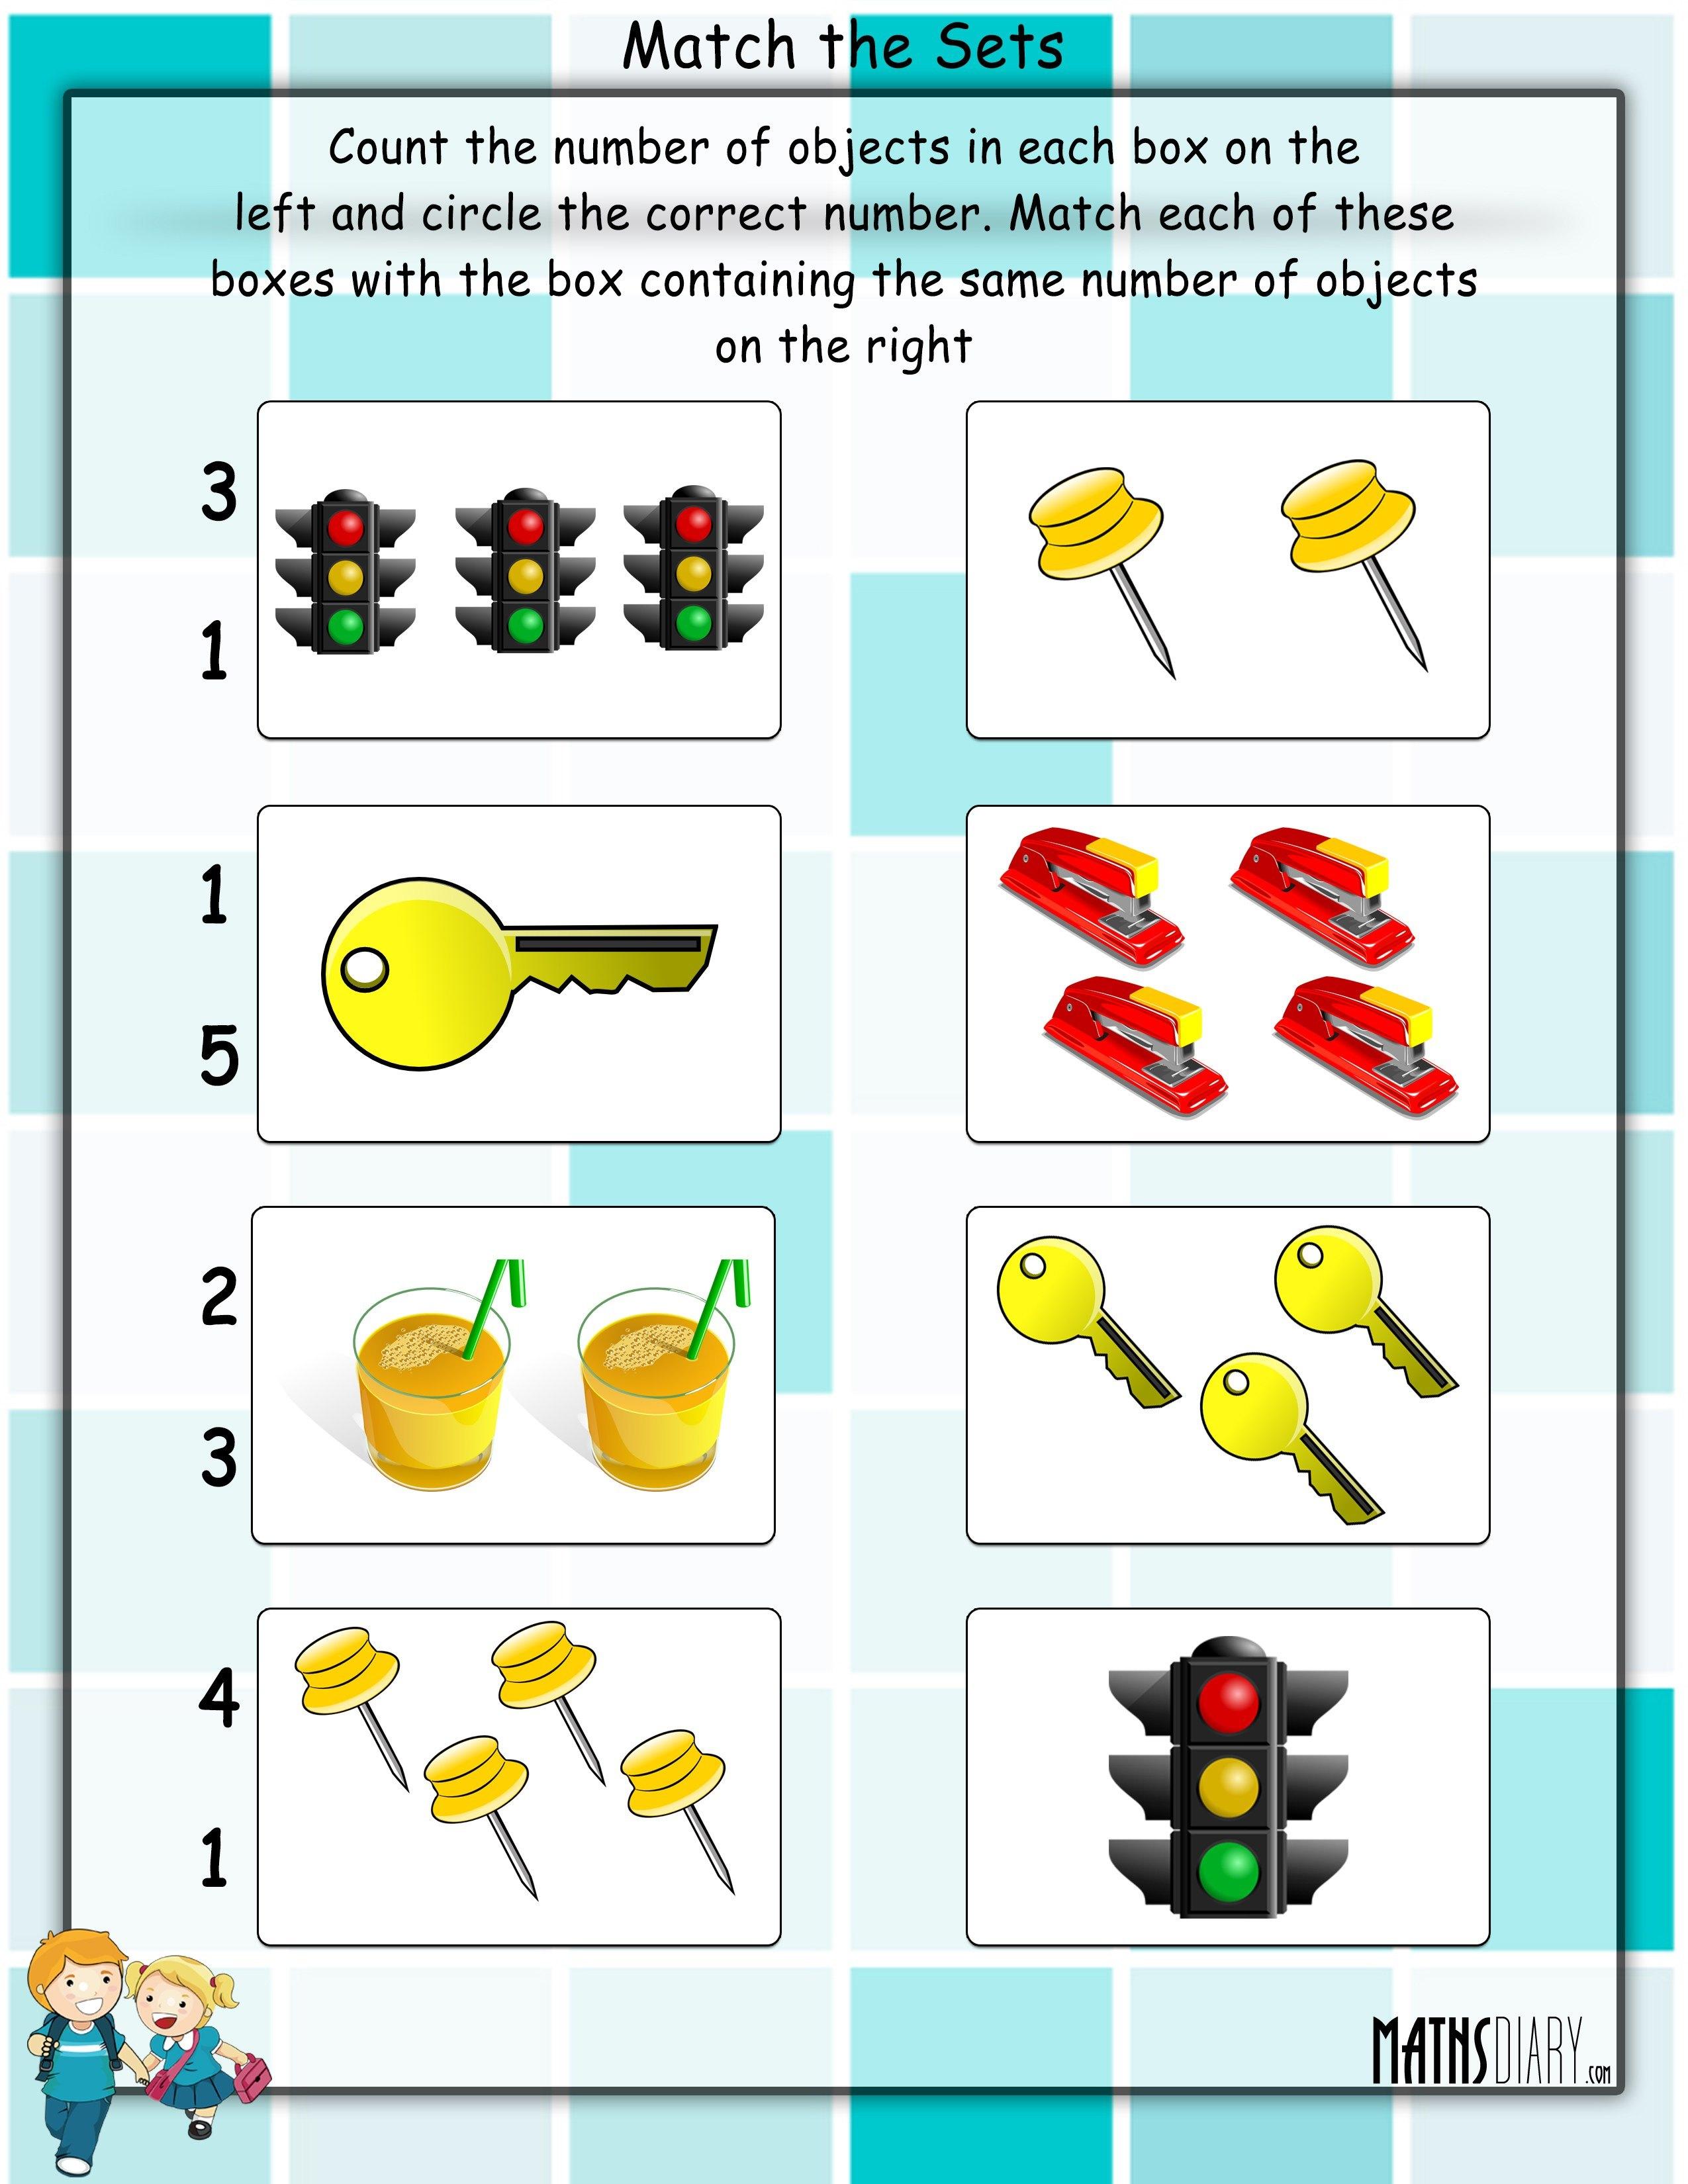 Practical Maths LKG Math Worksheets Page 3 – Math Sets Worksheets